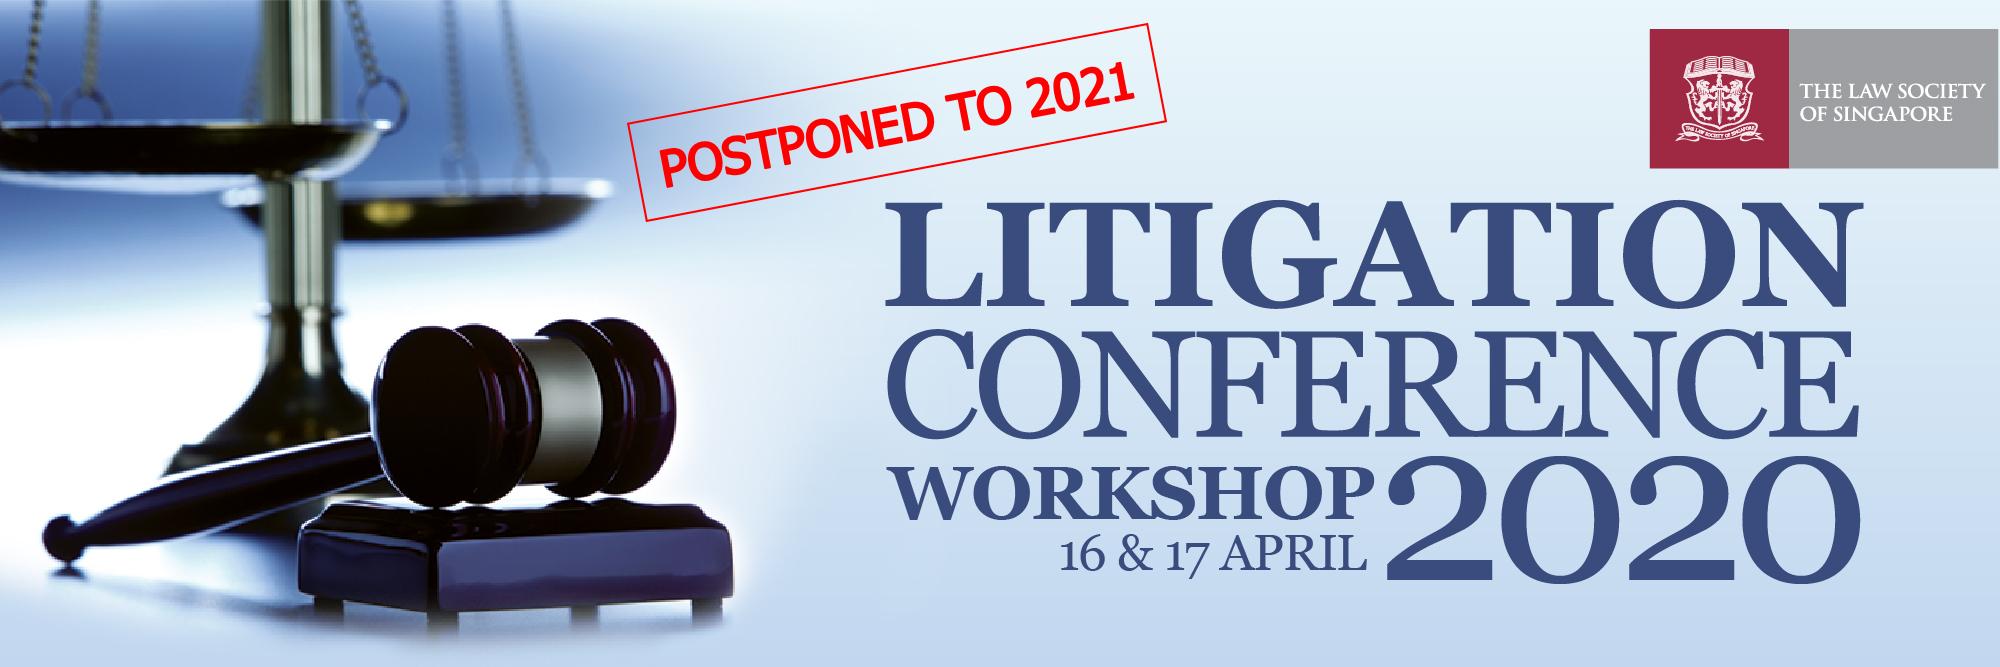 Litigation Conference Workshop 2020 Banner Image